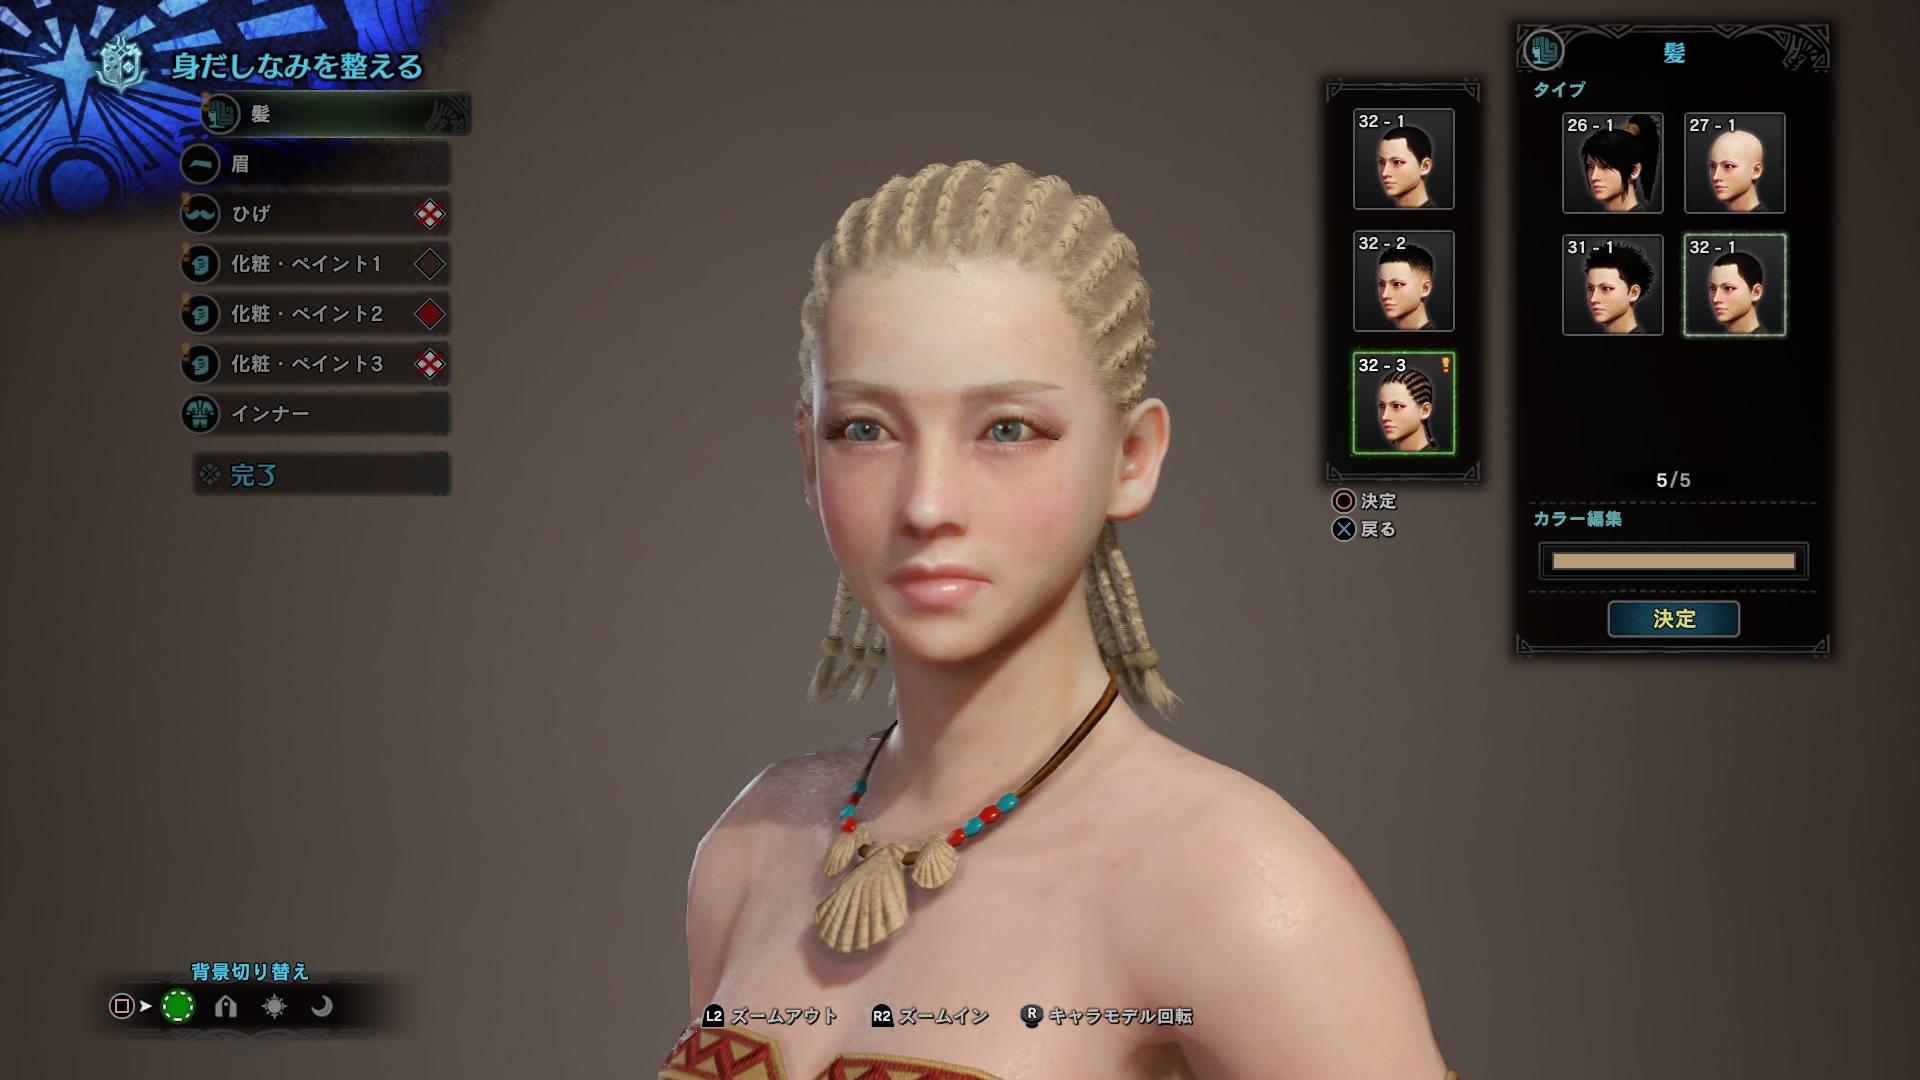 モンスターハンターワールド:アイスボーン髪型 コーンロウ